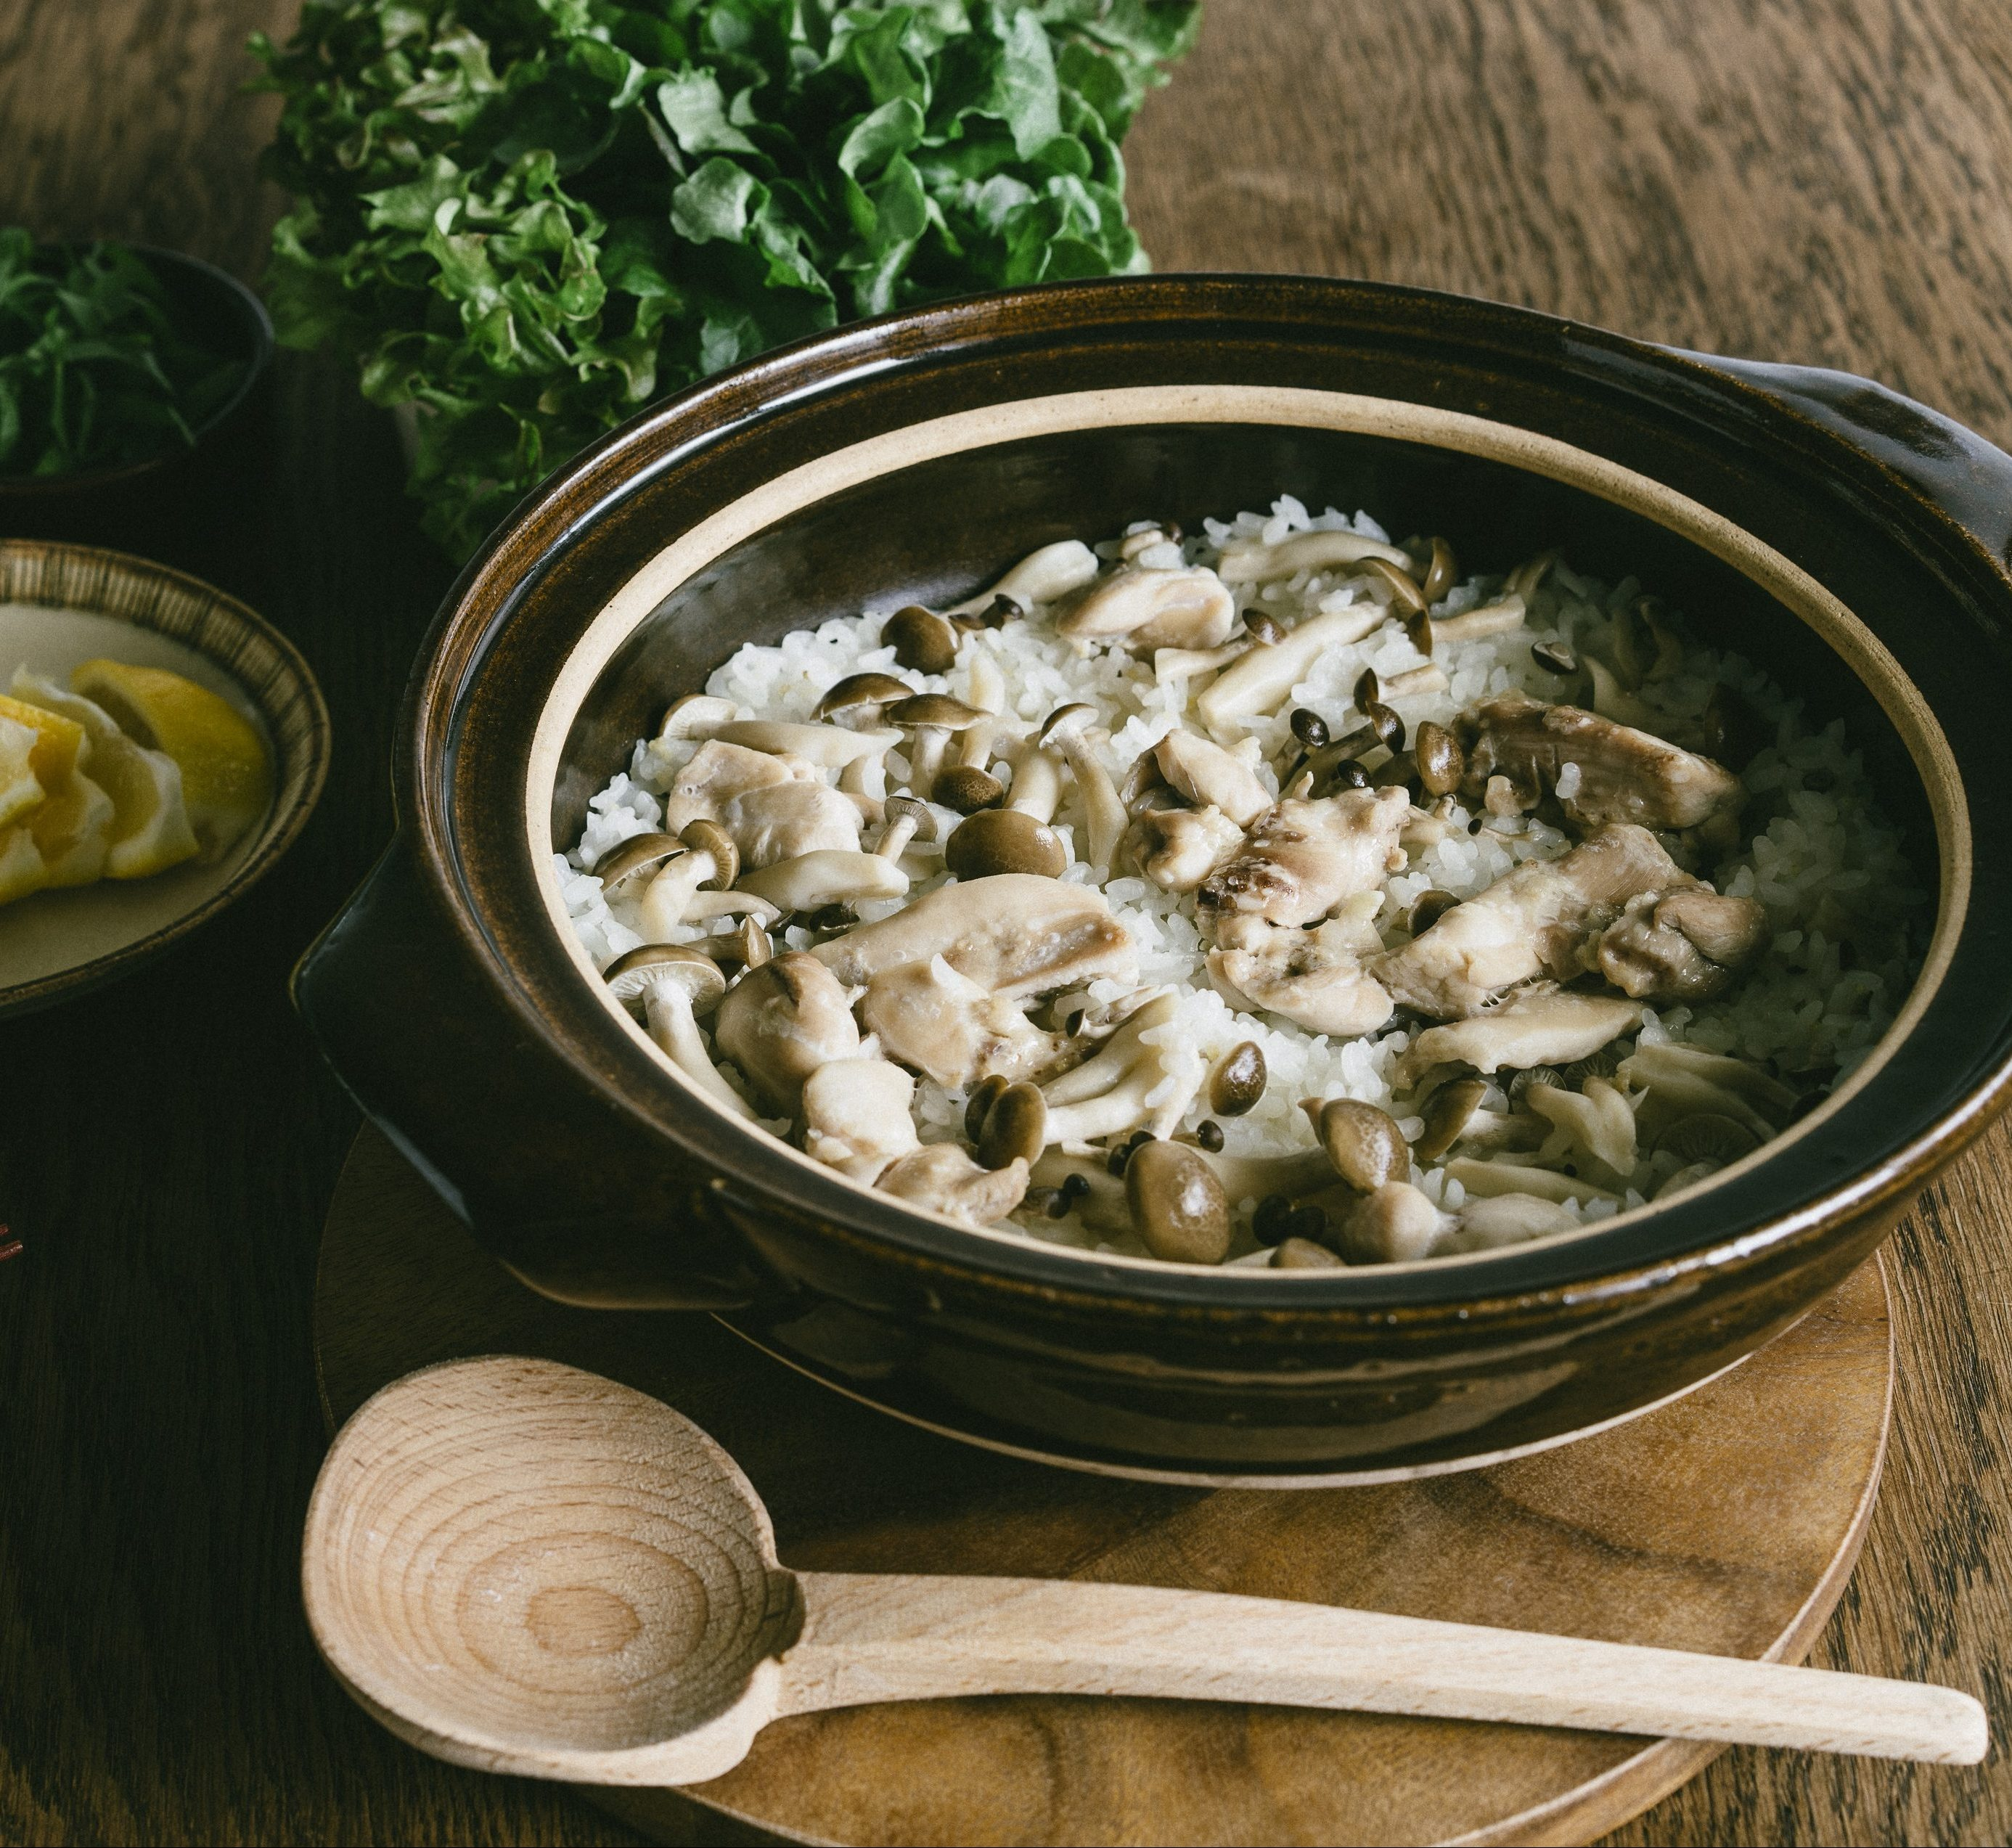 米販咖啡_米日記_食譜_生菜捲菇菇雞肉炊飯-01